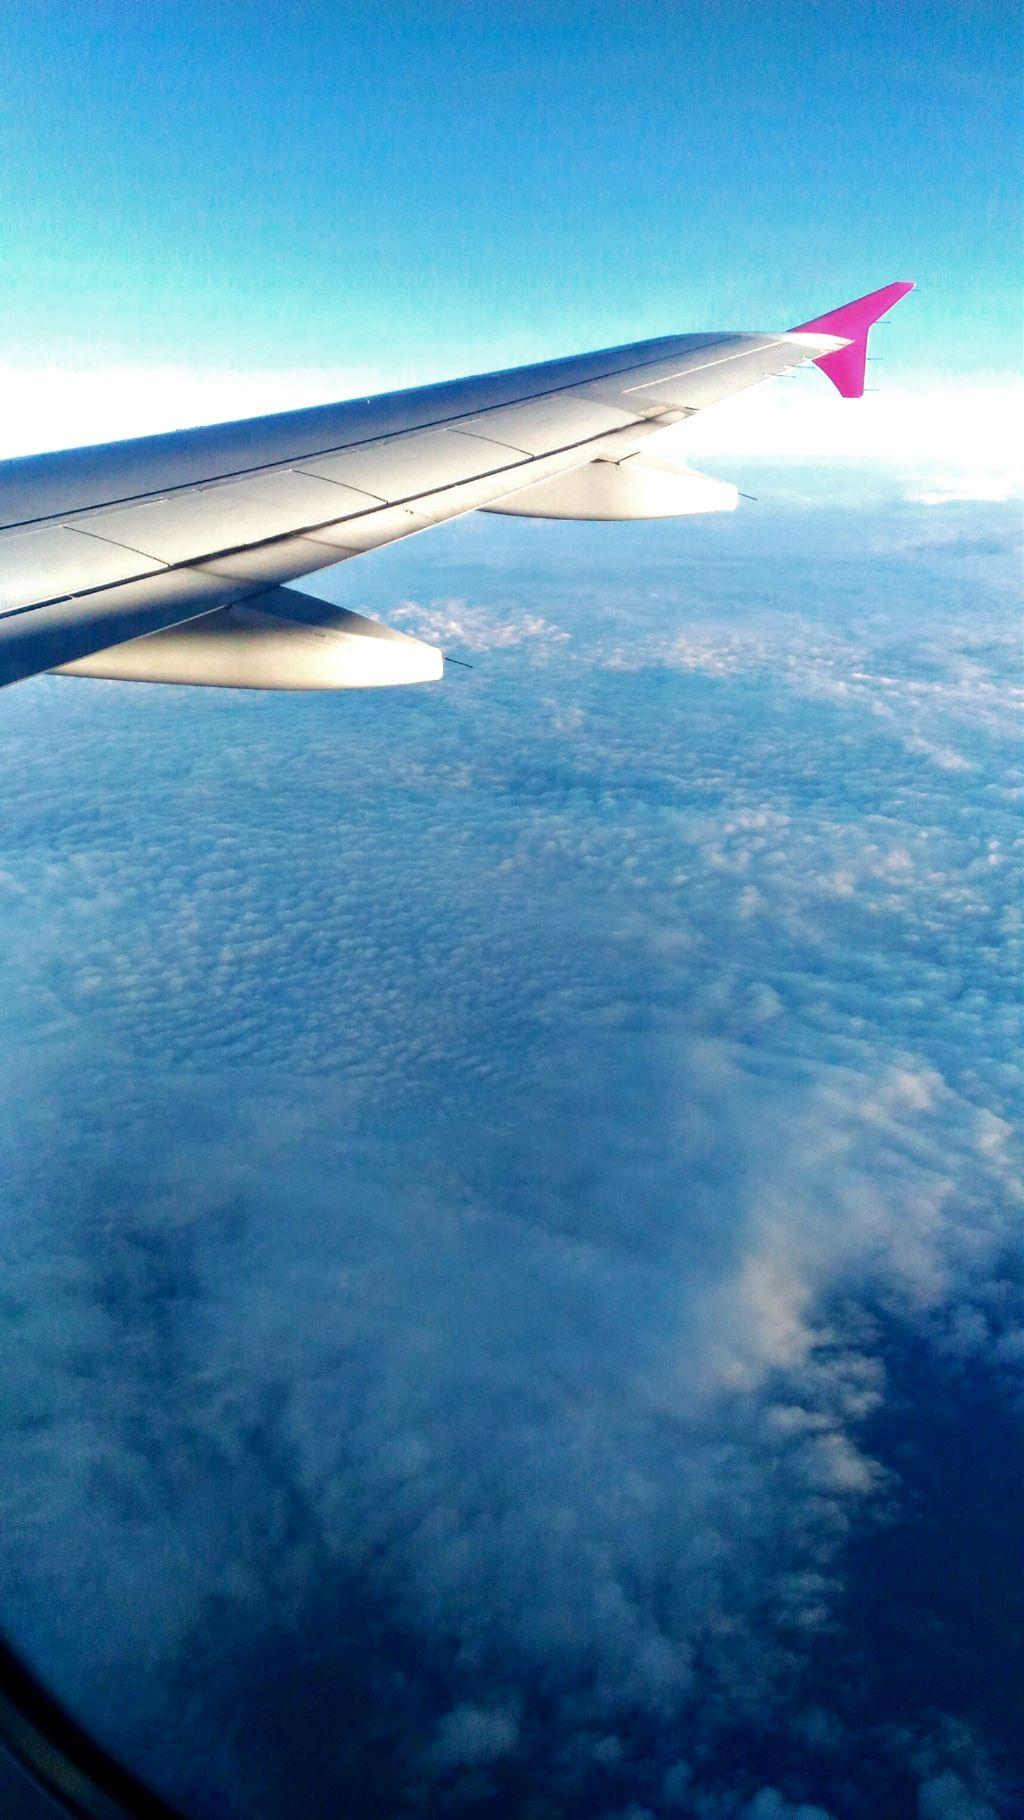 #небо☁ #самолёт #поездка #7небе